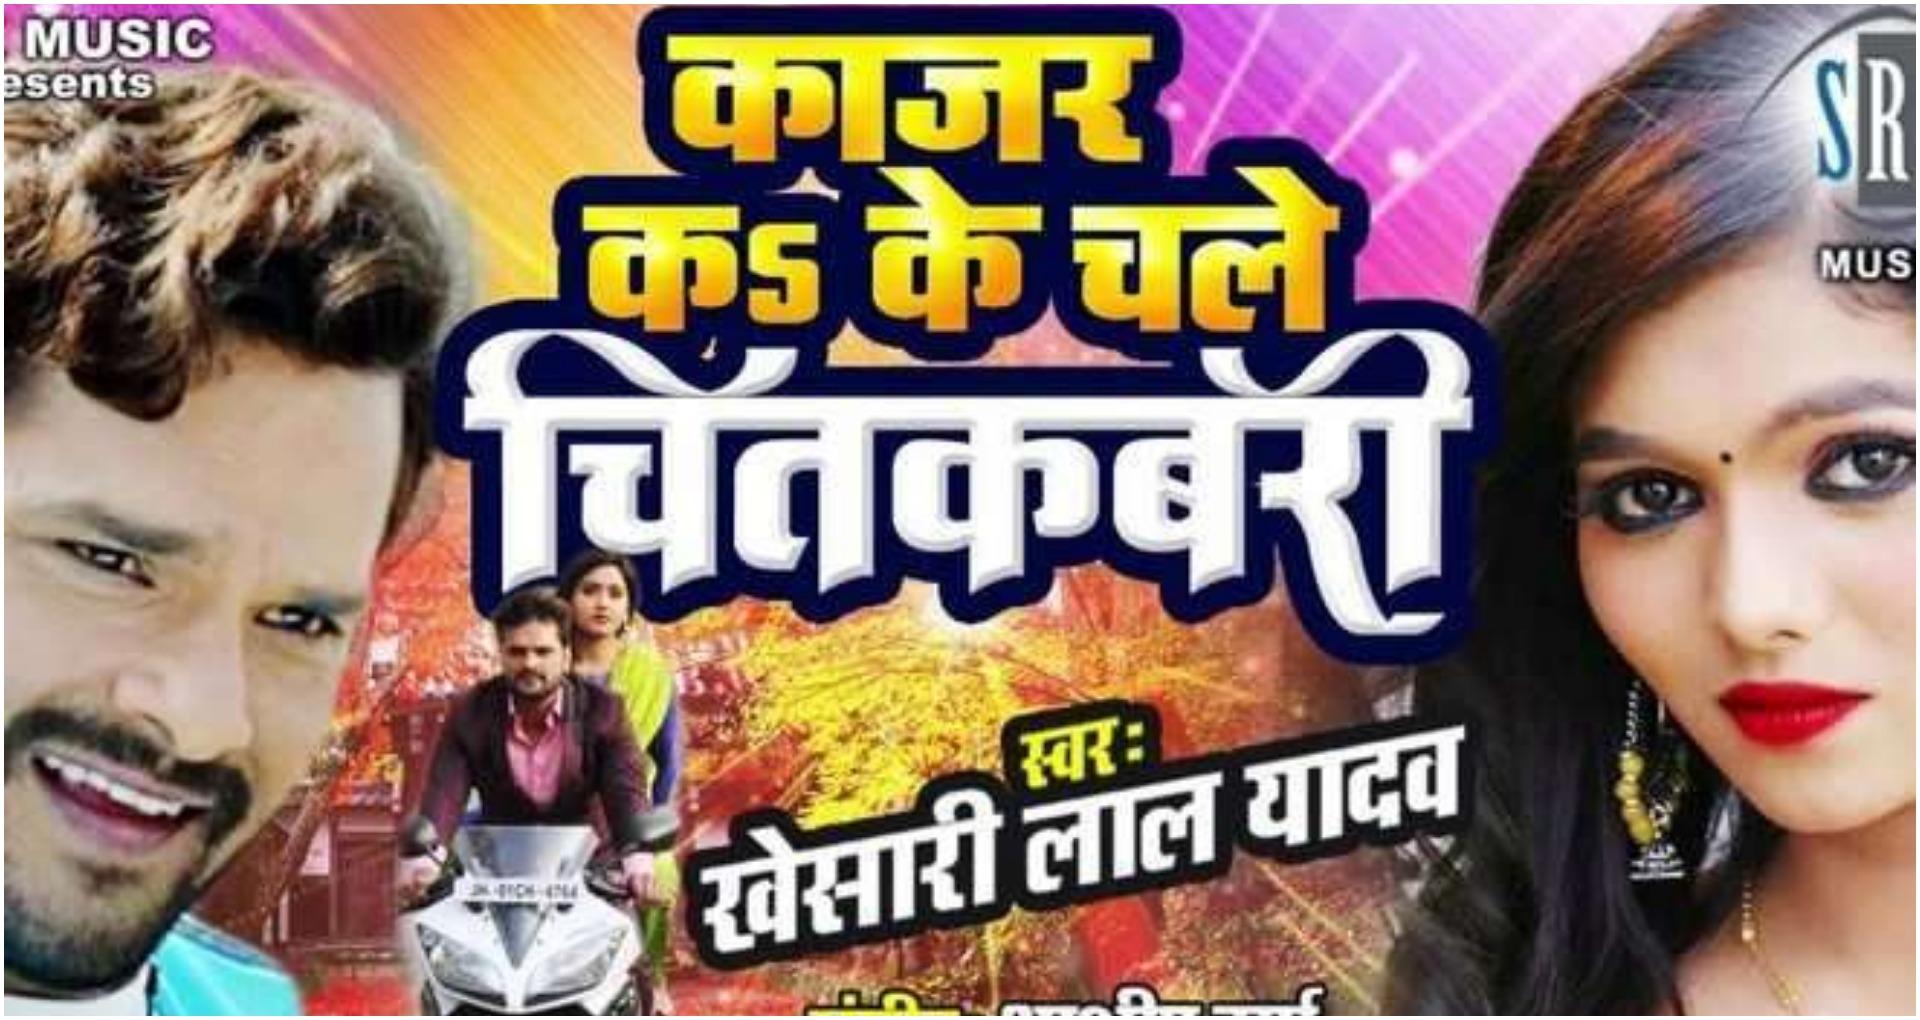 Khesari Lal Song: खेसारी का गाना 'काजर कड़के चले चितकबरी' मचा रहा है धमाल, देखें वीडियो